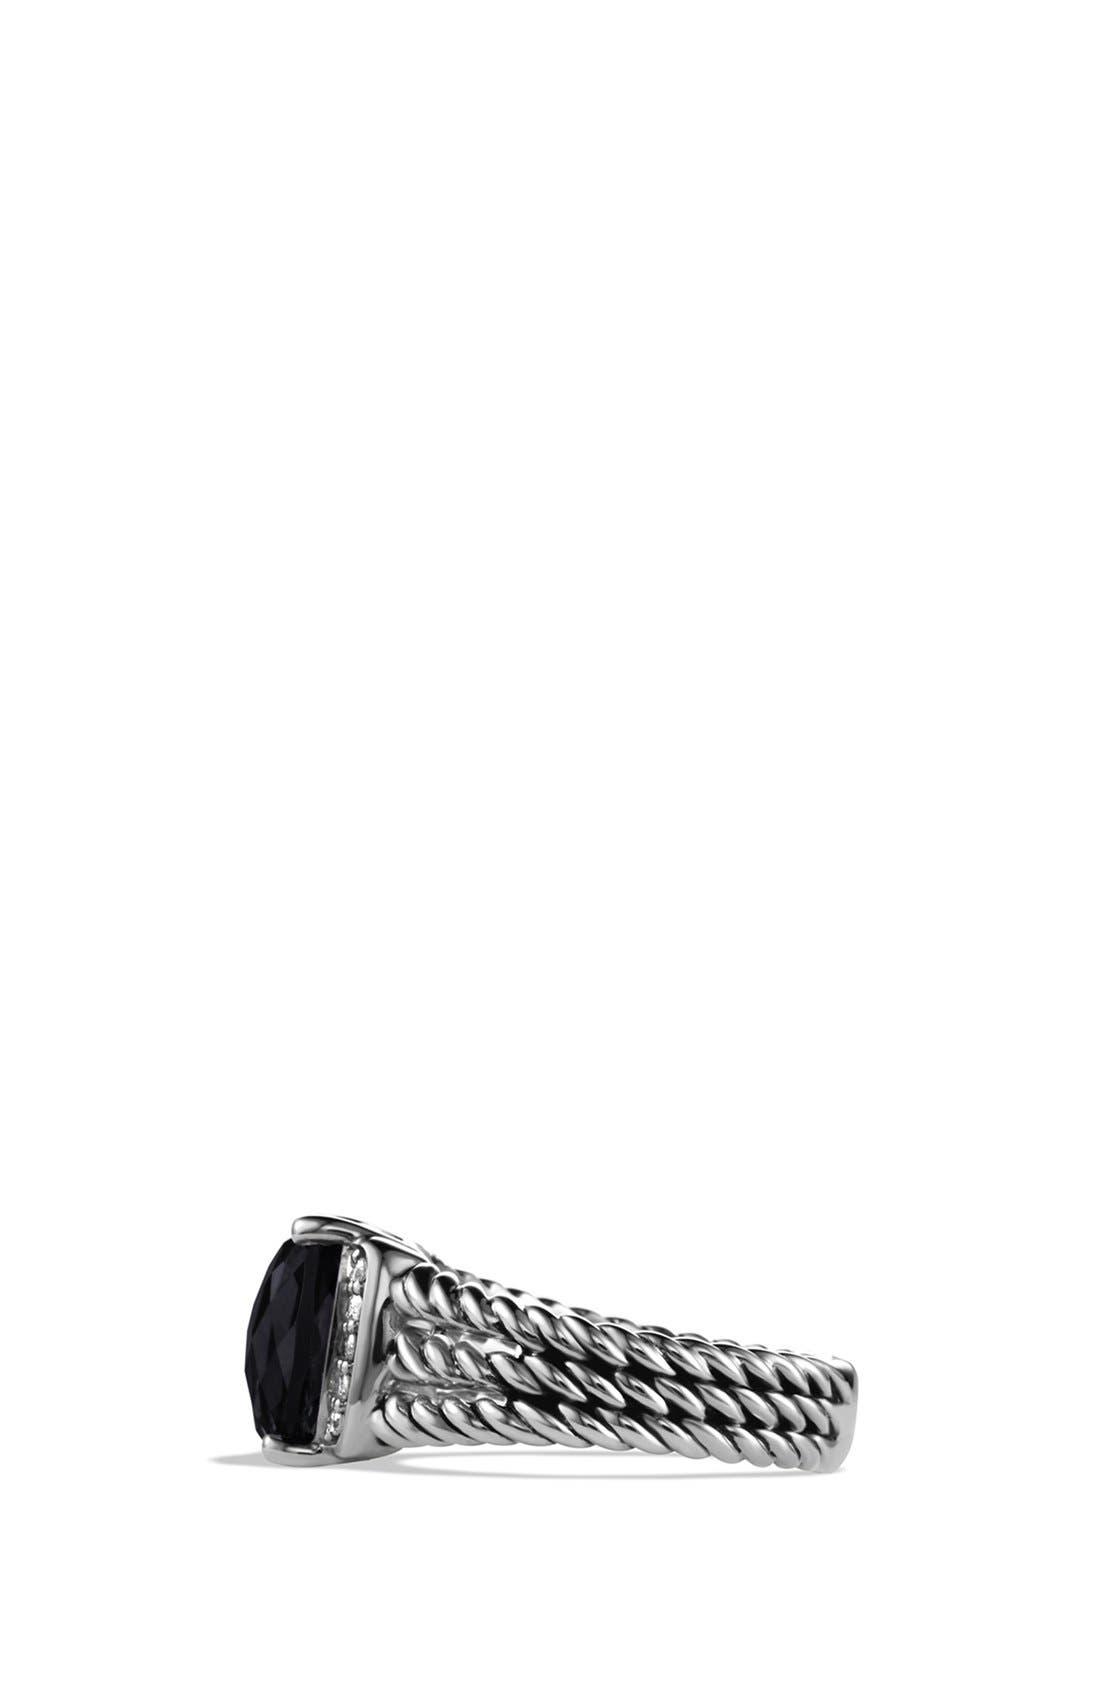 Alternate Image 2  - David Yurman 'Wheaton' Petite Ring with Semiprecious Stone & Diamonds